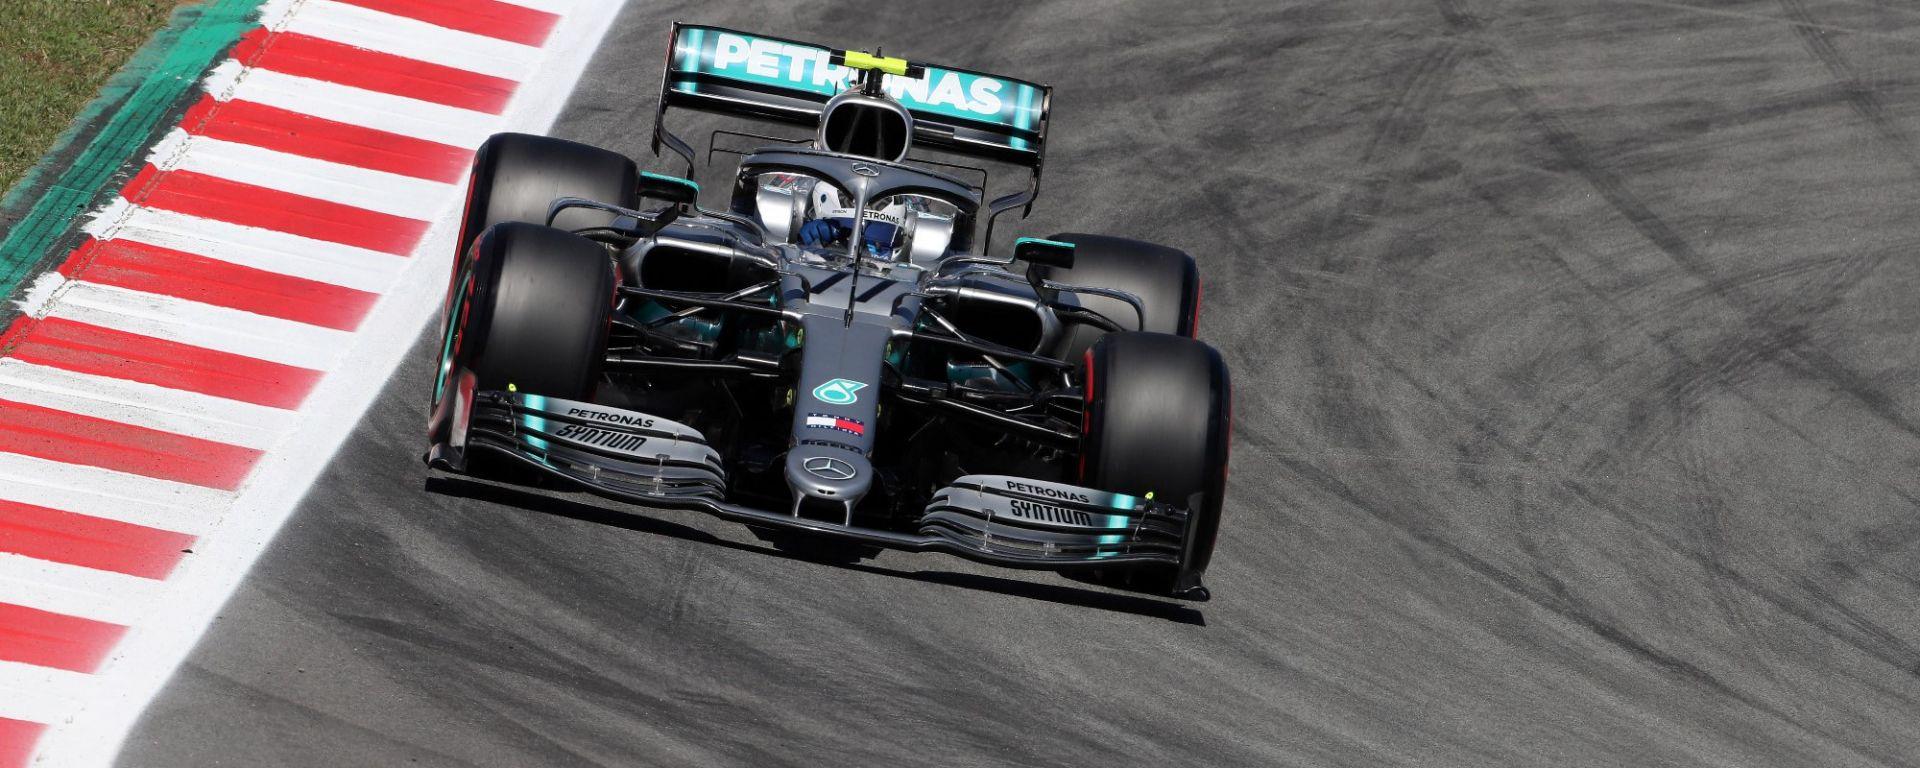 F1 Gp Spagna 2019 – PL2: Bottas e la Mercedes spaventano, Ferrari insegue